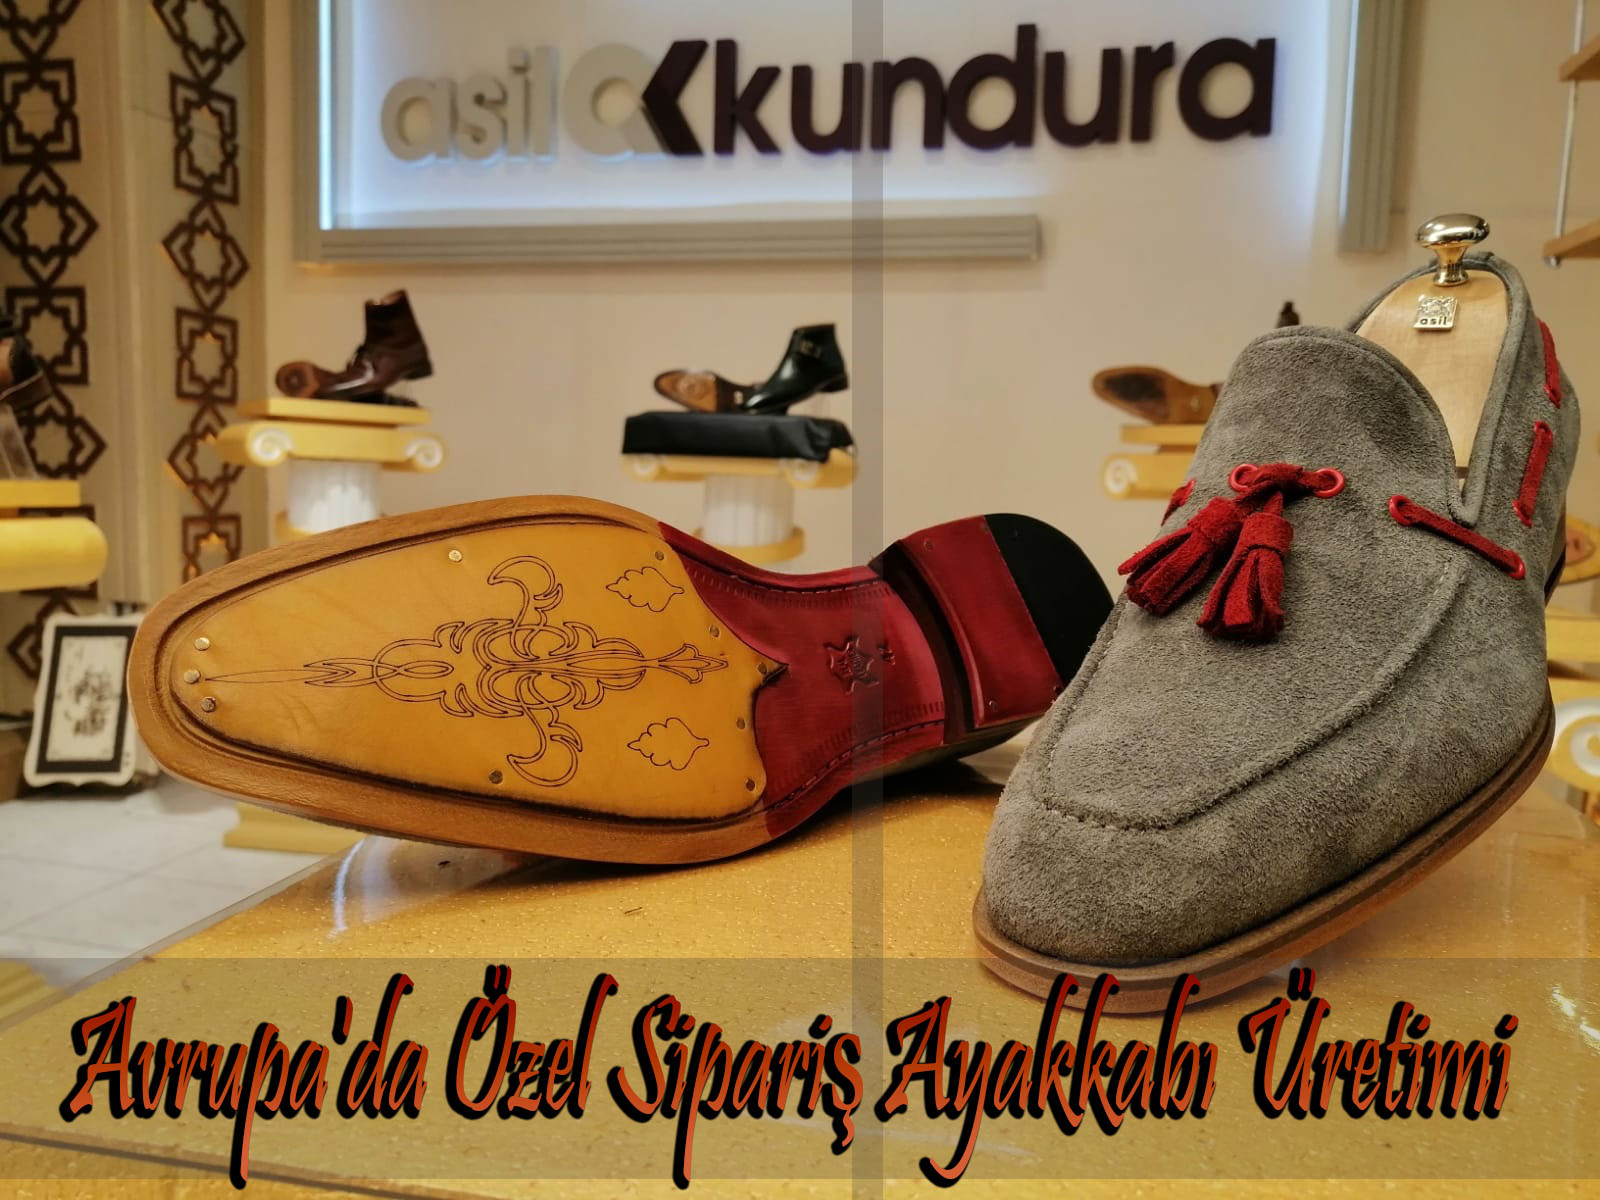 Avrupa'da Özel Sipariş Ayakkabı Üretimi